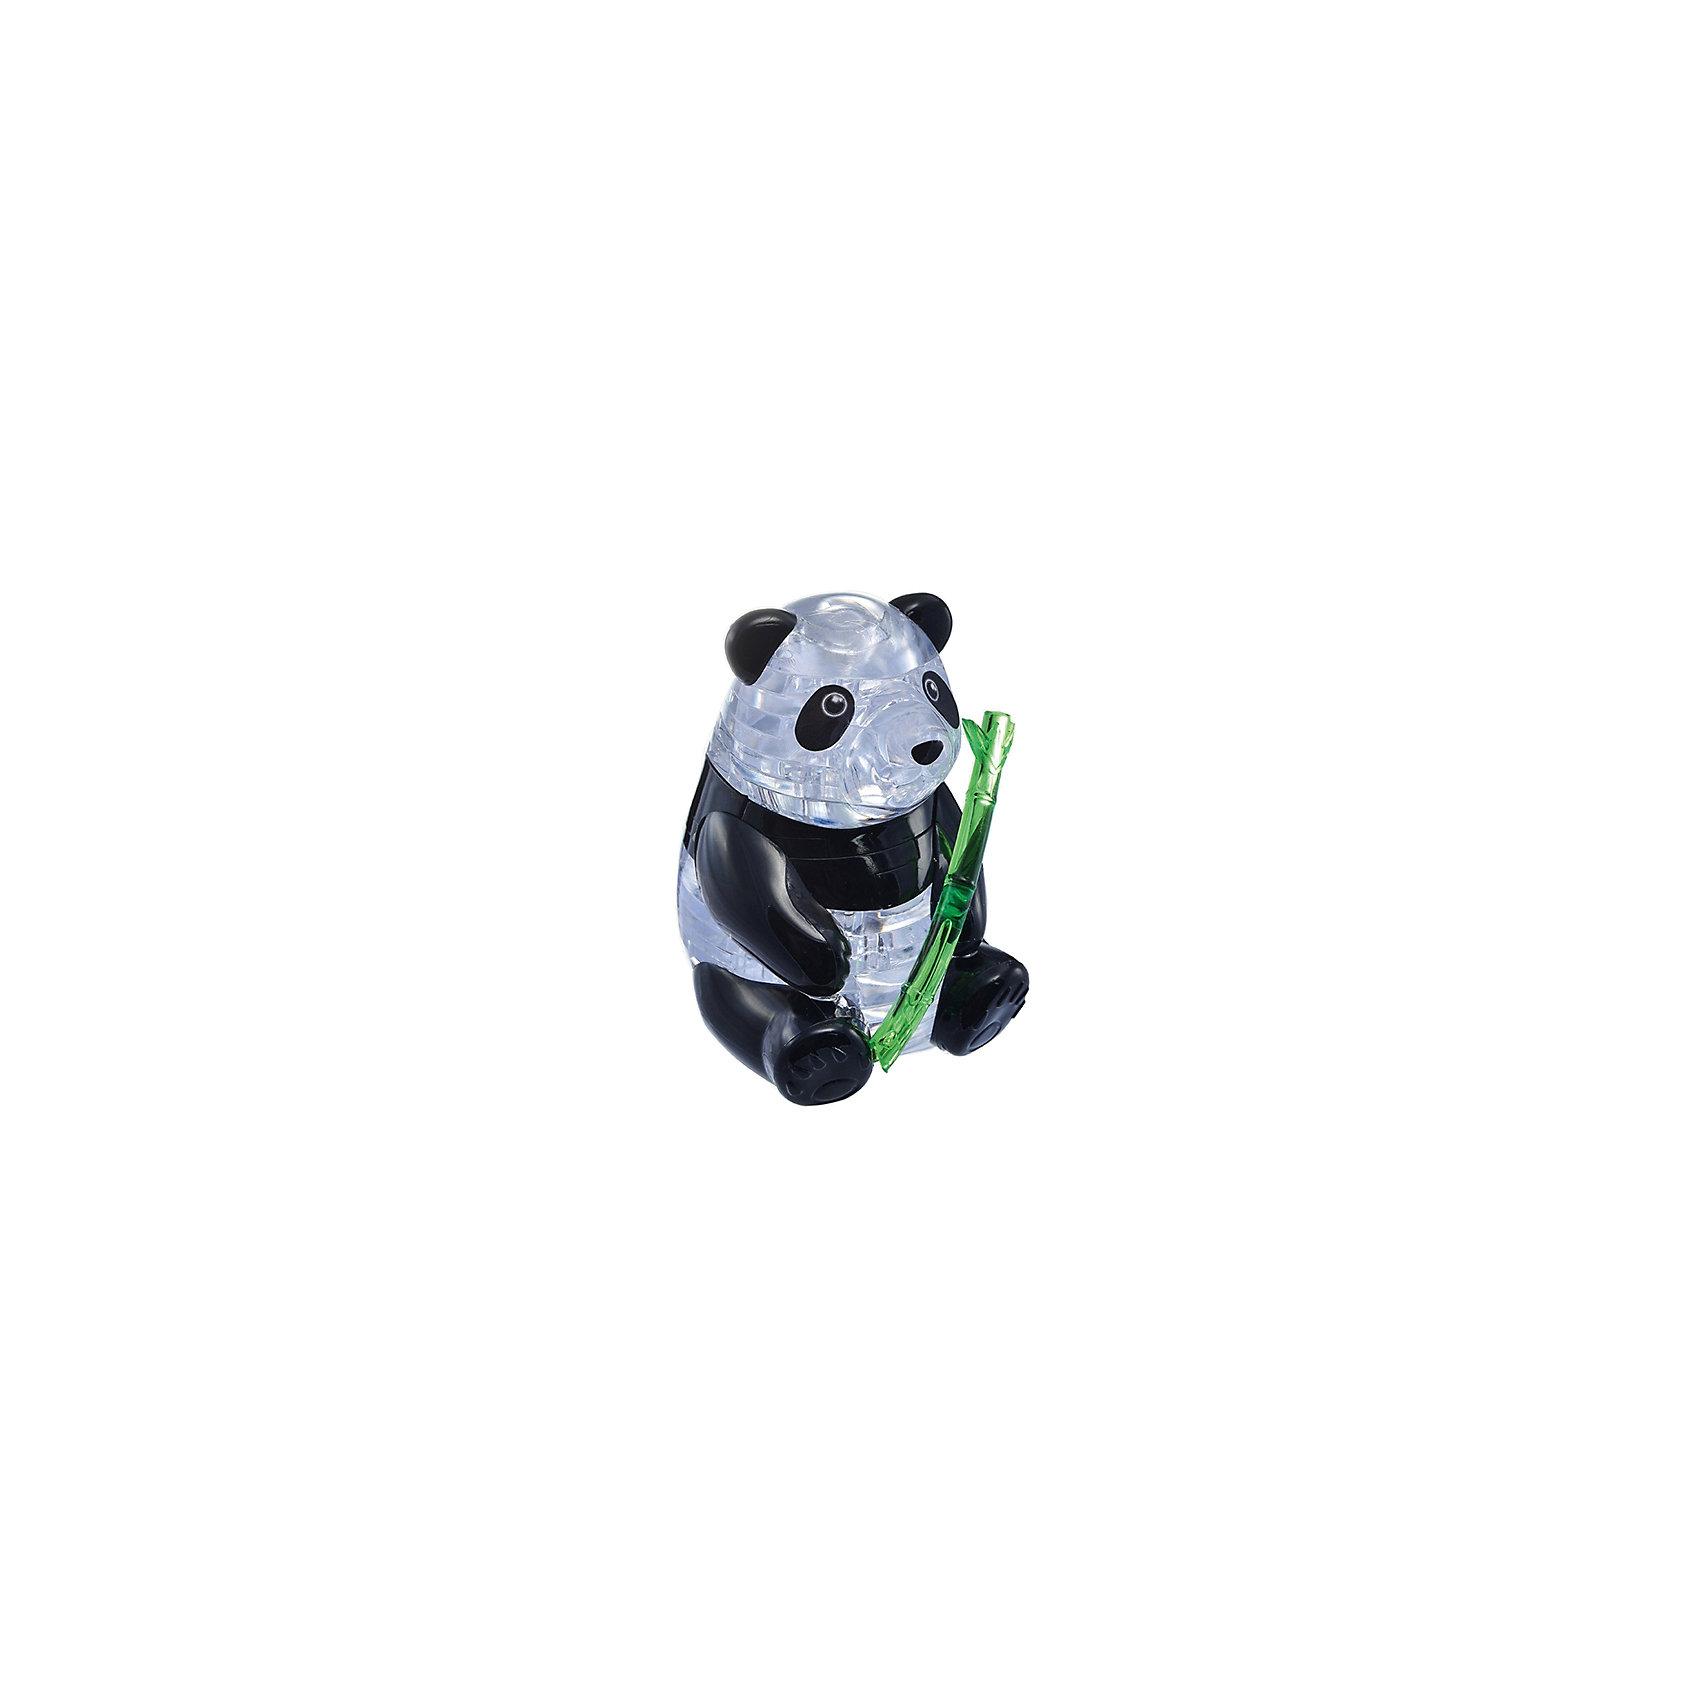 Кристаллический пазл 3D Панда, Crystal PuzzleКристаллический пазл 3D Панда, Crystal Puzzle (Кристал Пазл)<br><br>Характеристики:<br><br>• яркий объемный пазл<br>• размер готовой фигурки: 9 см<br>• количество деталей: 42<br>• высокая сложность<br>• размер упаковки: 5х14х10 см<br>• вес: 215 грамм<br>• материал: пластик<br><br>Любителям сложных головоломок обязательно понравится 3D пазл Панда. В процессе игры предстоит собрать 42 детали трех цветов. Большое количество мелких деталей прибавит процессу еще больше сложности. Для новичков в комплект входит подробная инструкция с описанием сборки. В результате у вас получится сверкающая панда с веткой бамбука. Процесс сборки также поможет в развитии мелкой моторики, логики, внимательности и пространственного мышления.<br><br>Кристаллический пазл 3D Панда, Crystal Puzzle (Кристал Пазл) можно купить в нашем интернет-магазине.<br><br>Ширина мм: 100<br>Глубина мм: 140<br>Высота мм: 50<br>Вес г: 215<br>Возраст от месяцев: 120<br>Возраст до месяцев: 2147483647<br>Пол: Унисекс<br>Возраст: Детский<br>SKU: 5397232